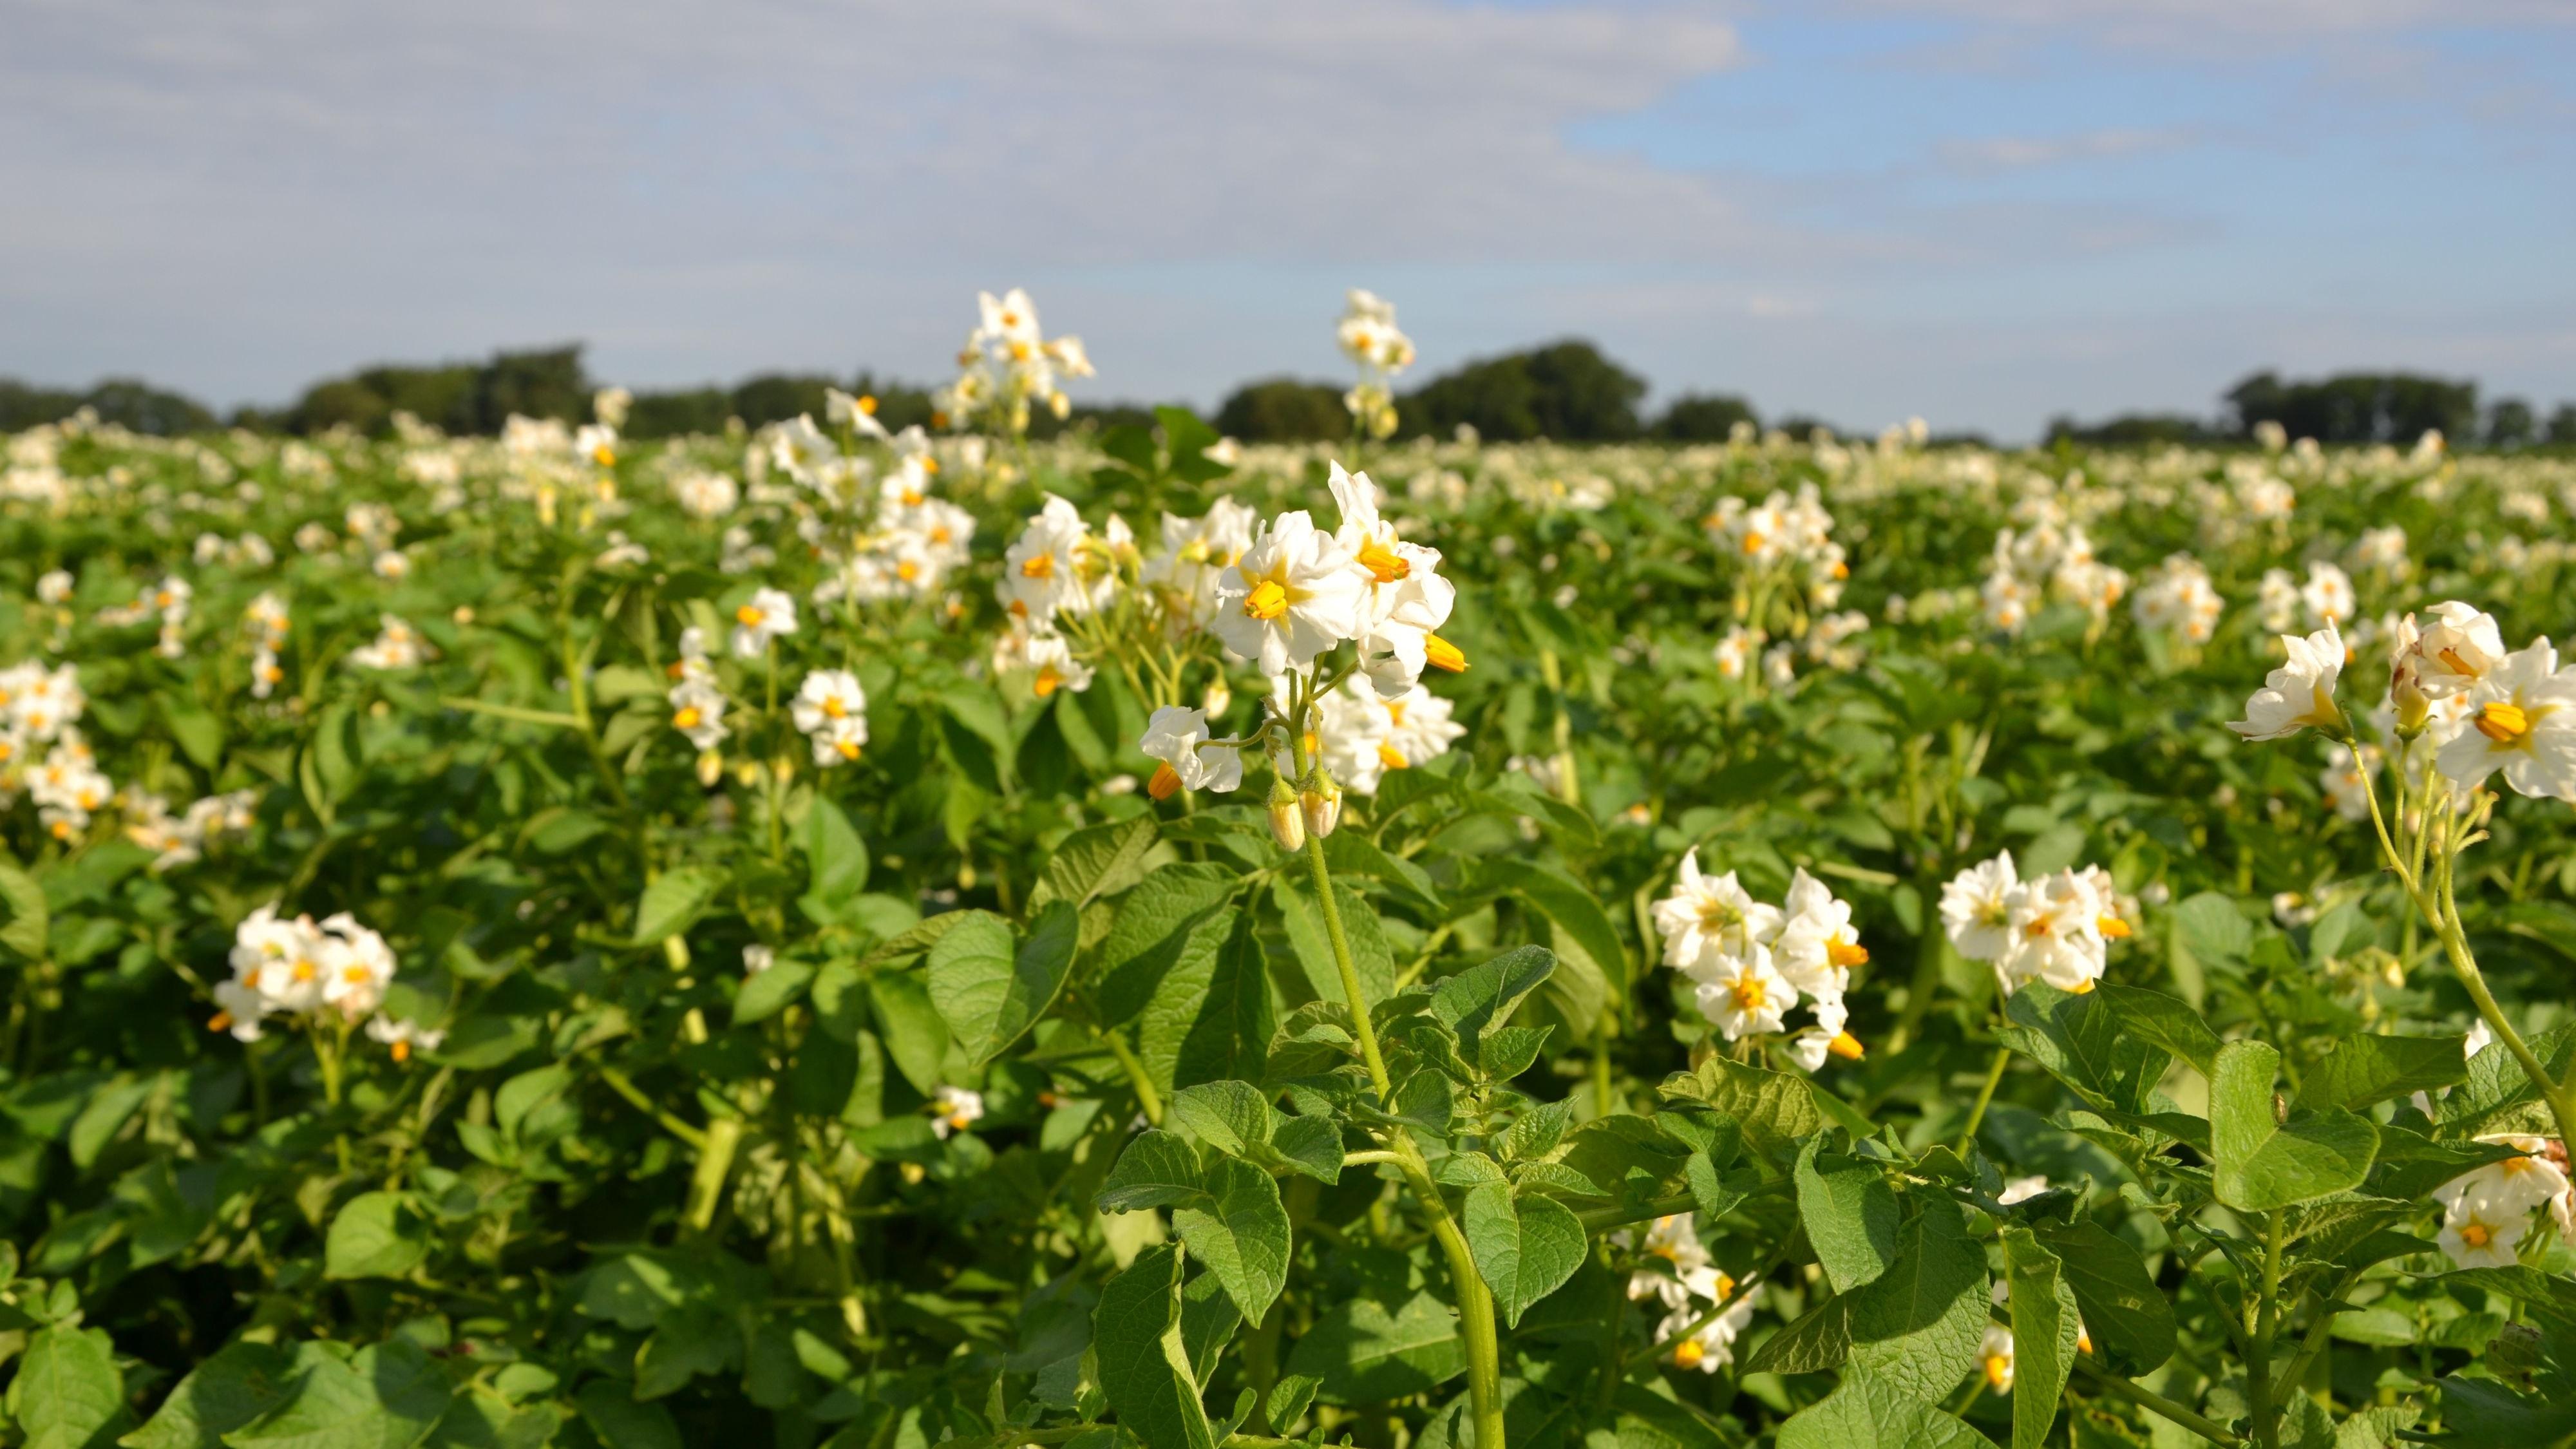 In der Blüte: Im Raum Löningen/Emsland haben sich viele Landwirte auf den Kartoffelanbau spezialisiert. Foto: G. Meyer